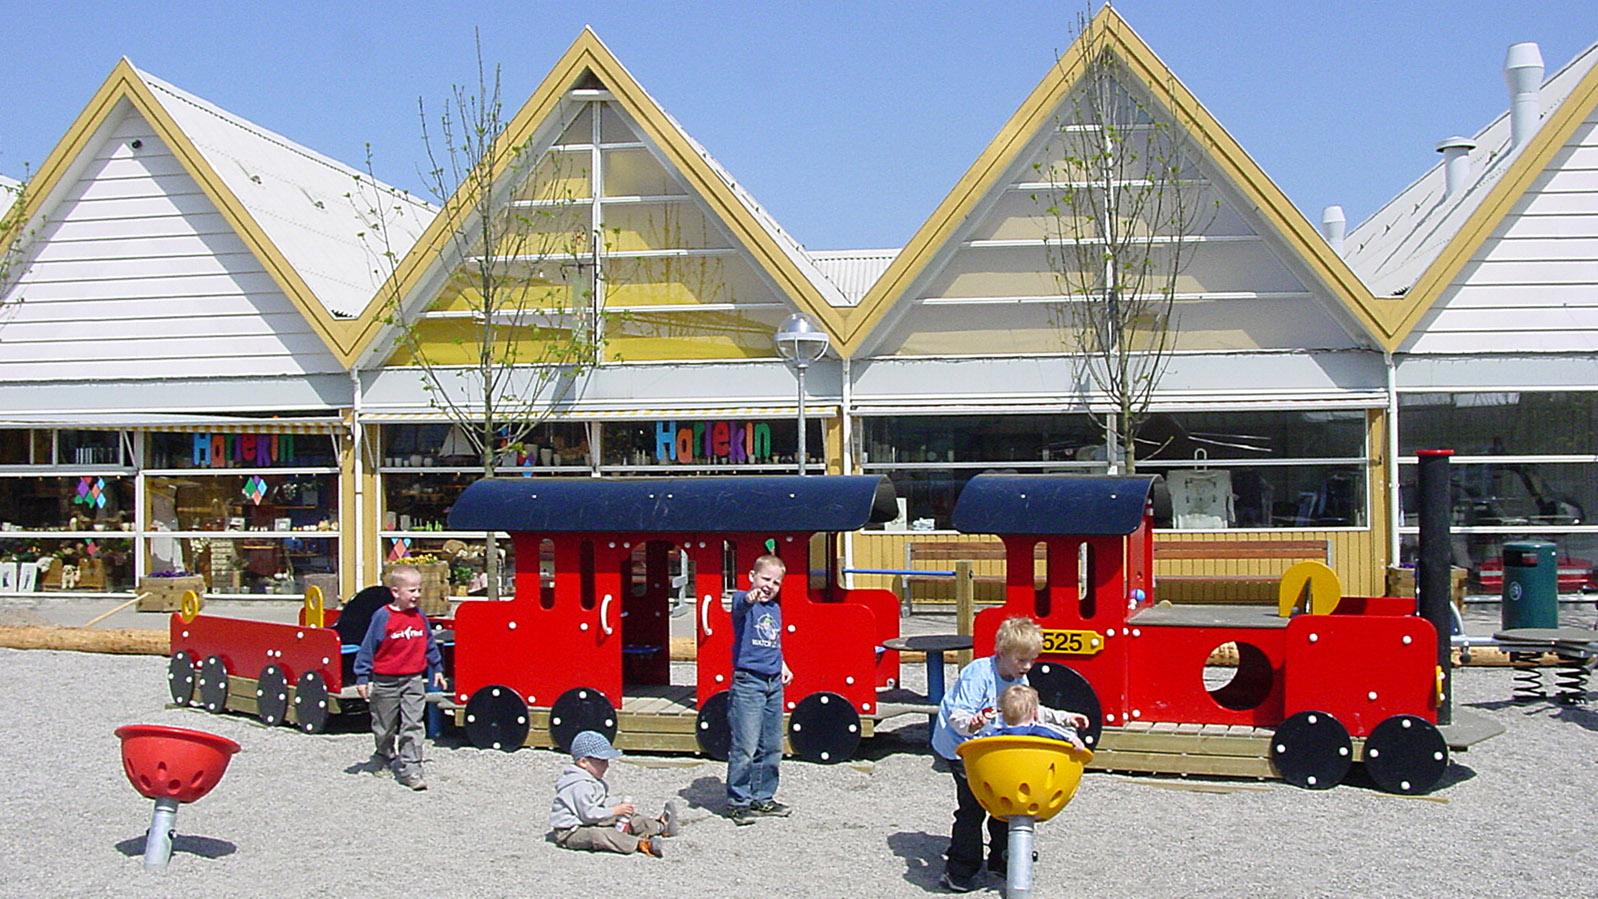 """Lalandia: der Spielplatz im Freigelände. Dahinter. liegen das Supermarktgeländer und die Boutique """"Harlekin"""". Foto: Hilke Maunder"""